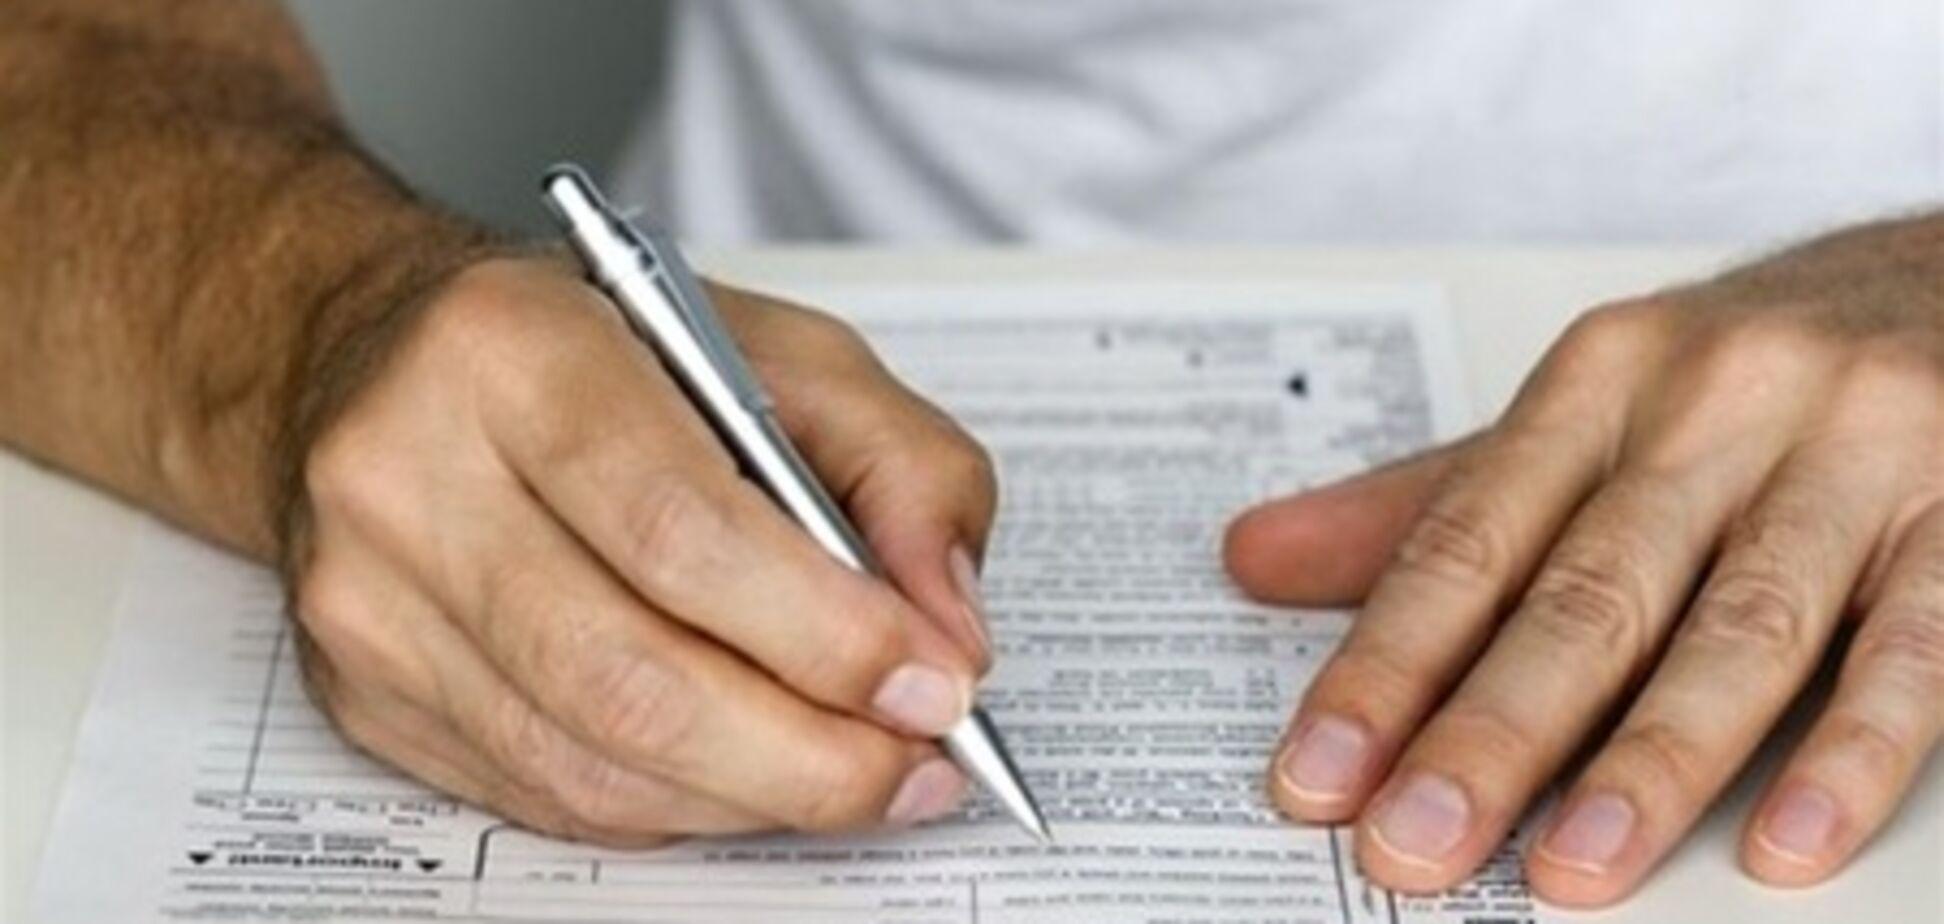 Услуги нотариуса в Польше стоят 2-3% от суммы «недвижимой сделки»